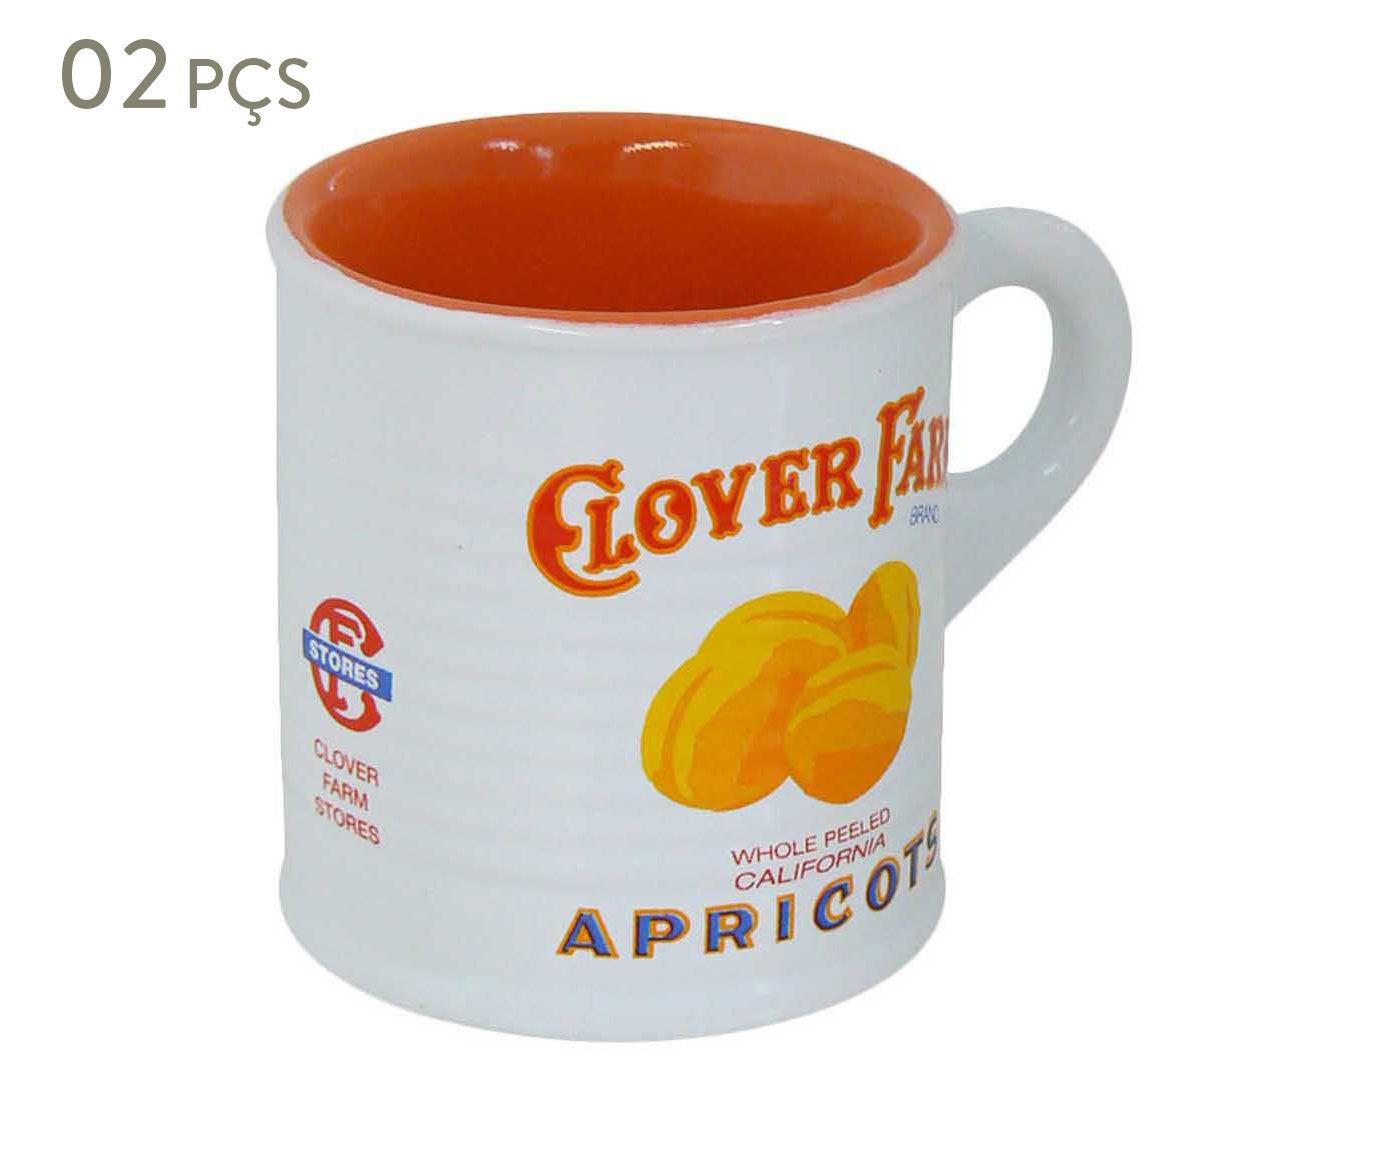 Conjunto de Xícaras para café cloverfarm | Westwing.com.br